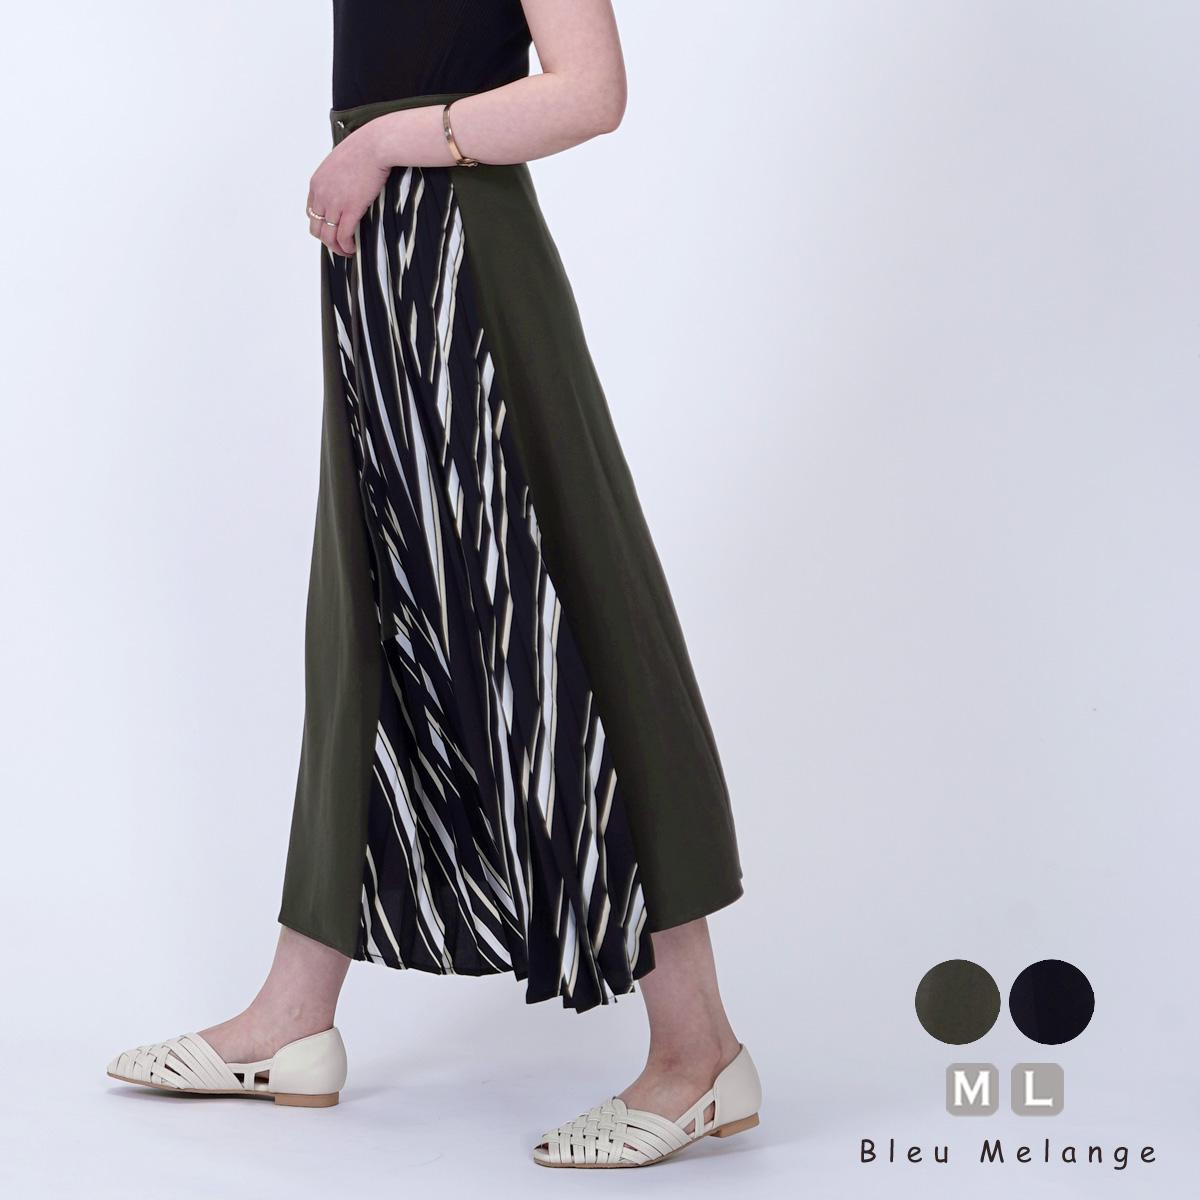 【2020新作】プリーツ スカート 異素材切り替え ベルト付き ストライプ柄 大きいサイズ